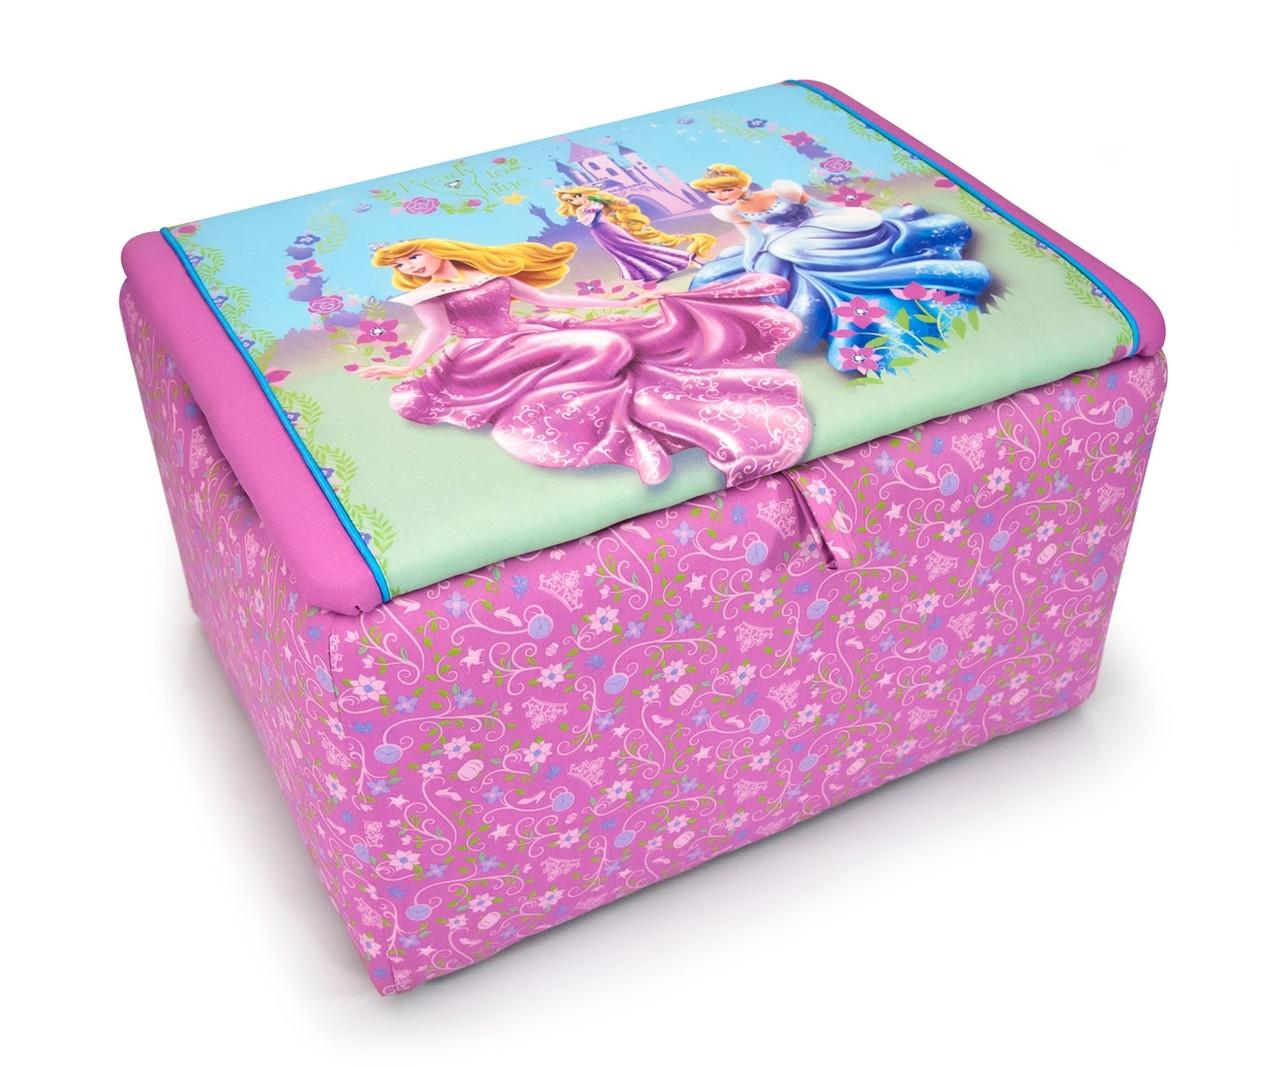 Kidz World Storage Box Disney Princess | Kidz World | KW1400 DPGW